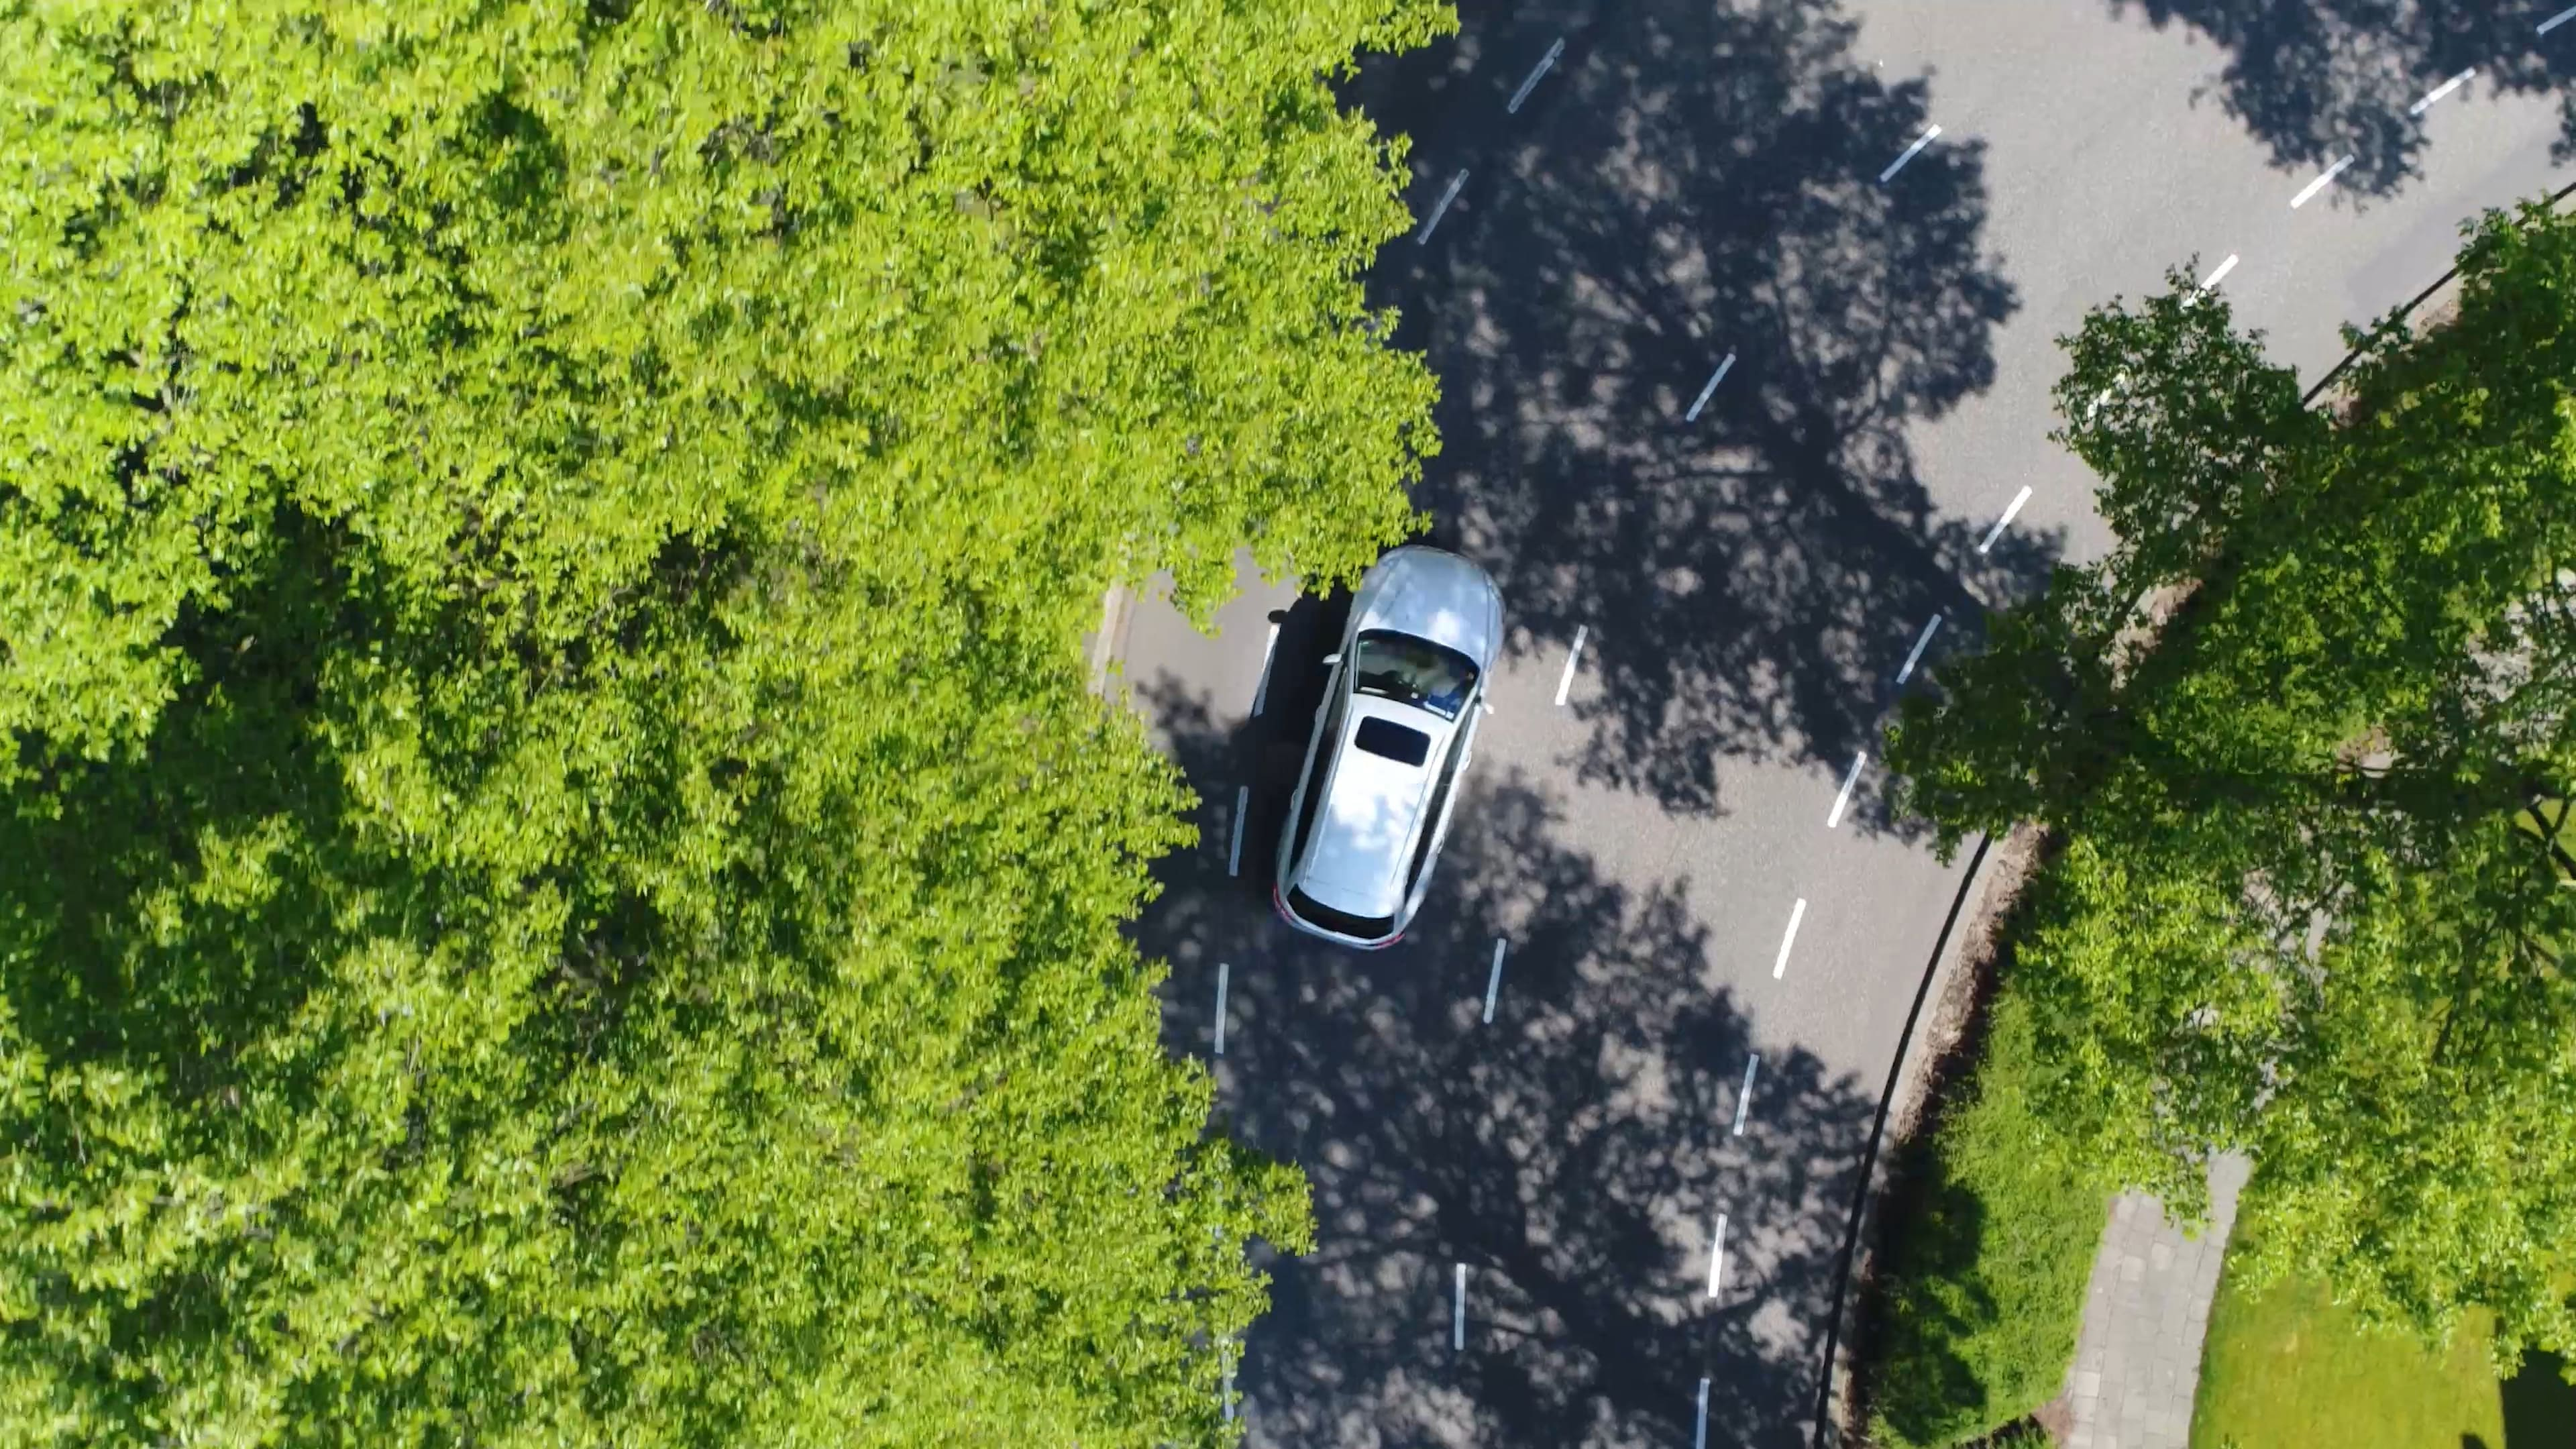 【群馬県伊勢崎市】自社ローンで中古車を購入した方に口コミ・評判を聞きました!